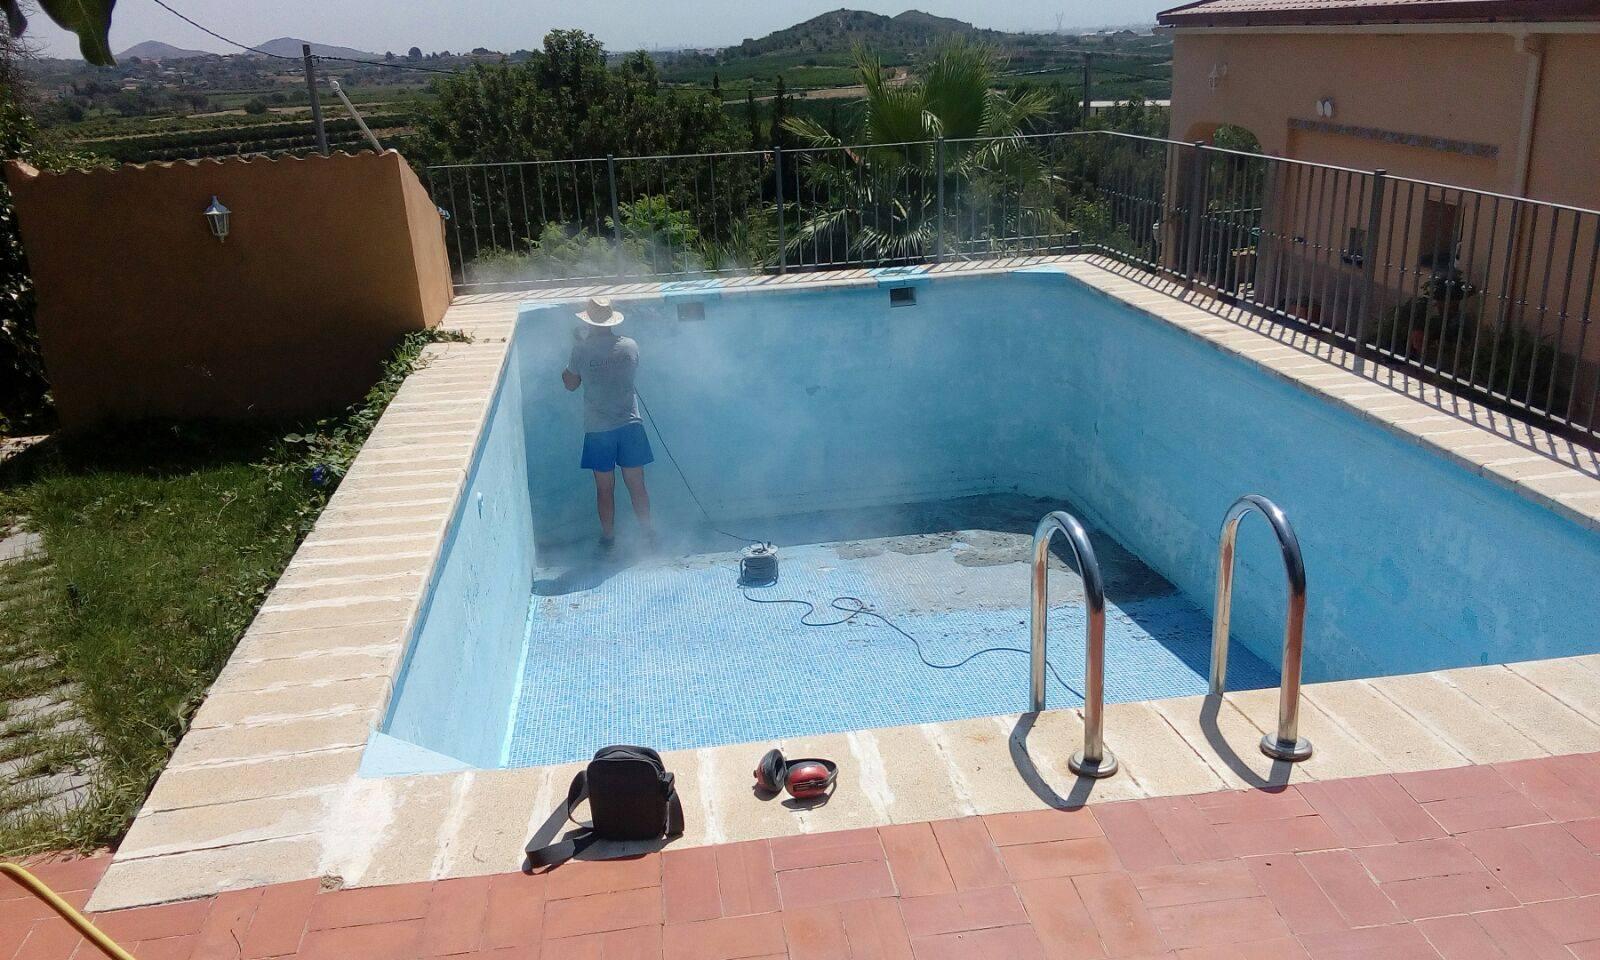 Mantenimiento de piscinas clurjor - Mantenimiento piscinas valencia ...